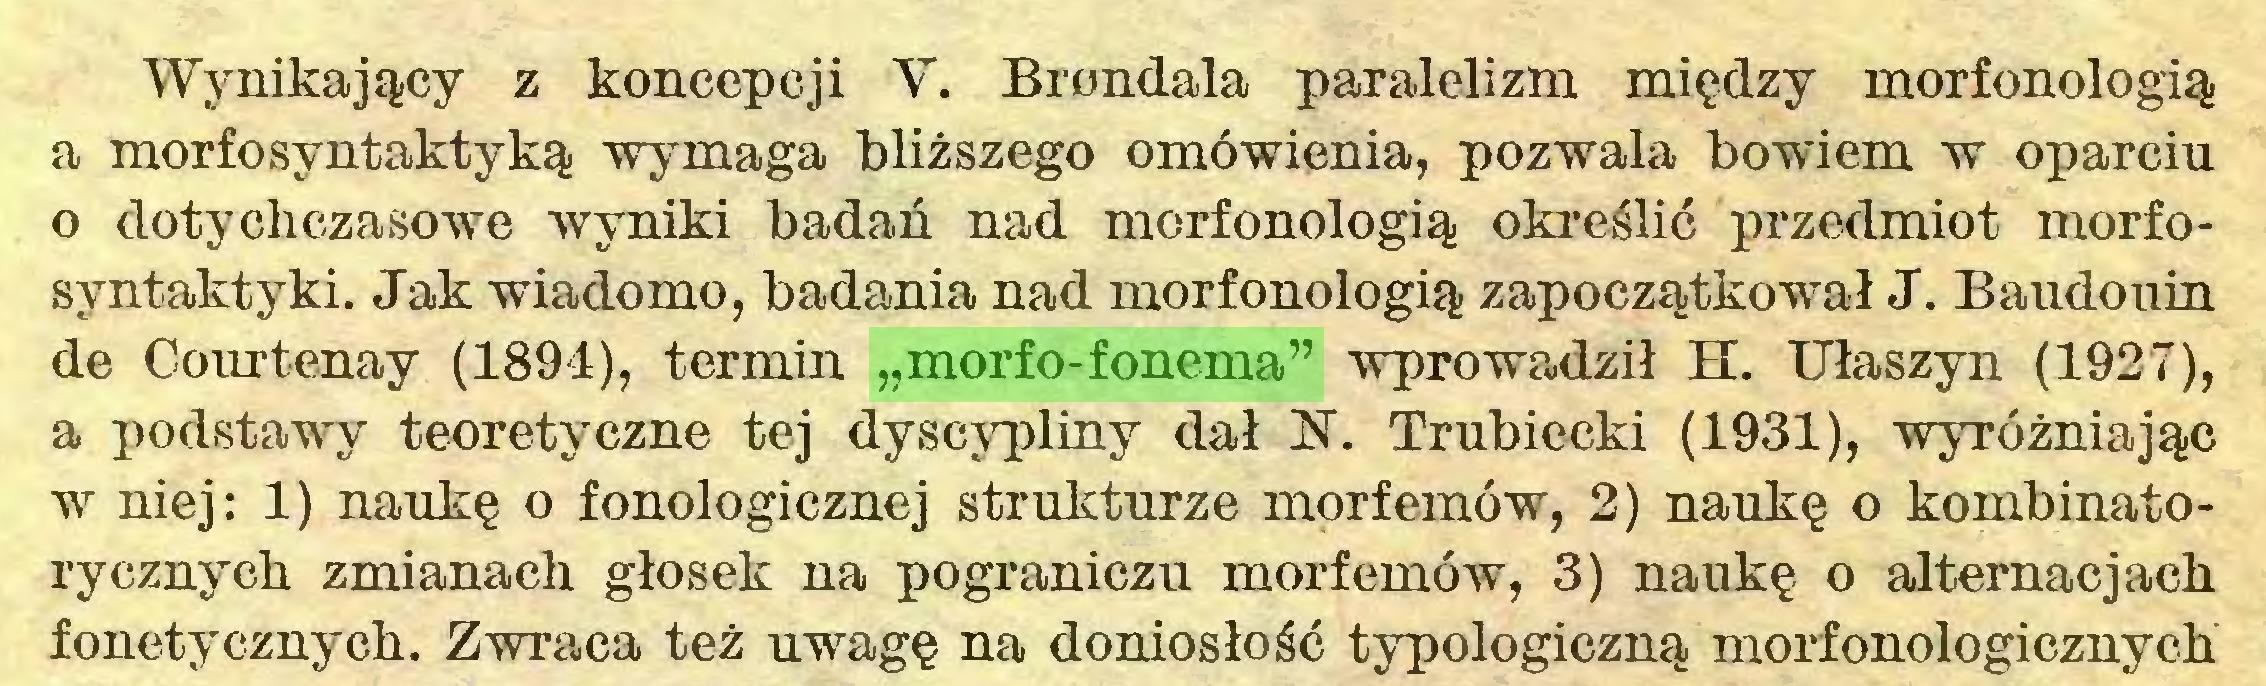 """(...) Wynikający z koncepcji V. Brondala paralelizm między morfonologią a morfosyntaktyką wymaga bliższego omówienia, pozwala bowiem w oparciu o dotychczasowe wyniki badań nad morfonologią określić przedmiot morfosyntaktyki. Jak wiadomo, badania nad morfonologią zapoczątkował J. Baudouin de Courtenay (1894), termin """"morfo-fonema"""" wprowadził H. Ułaszyn (1927), a podstawy teoretyczne tej dyscypliny dał N. Trubiecki (1931), wyróżniając w niej: 1) naukę o fonologicznej strukturze morfemów, 2) naukę o kombinatorycznych zmianach głosek na pograniczu morfemów, 3) naukę o alternacjach fonetycznych. Zwraca też uwagę na doniosłość typologiczną morfonologicznych..."""